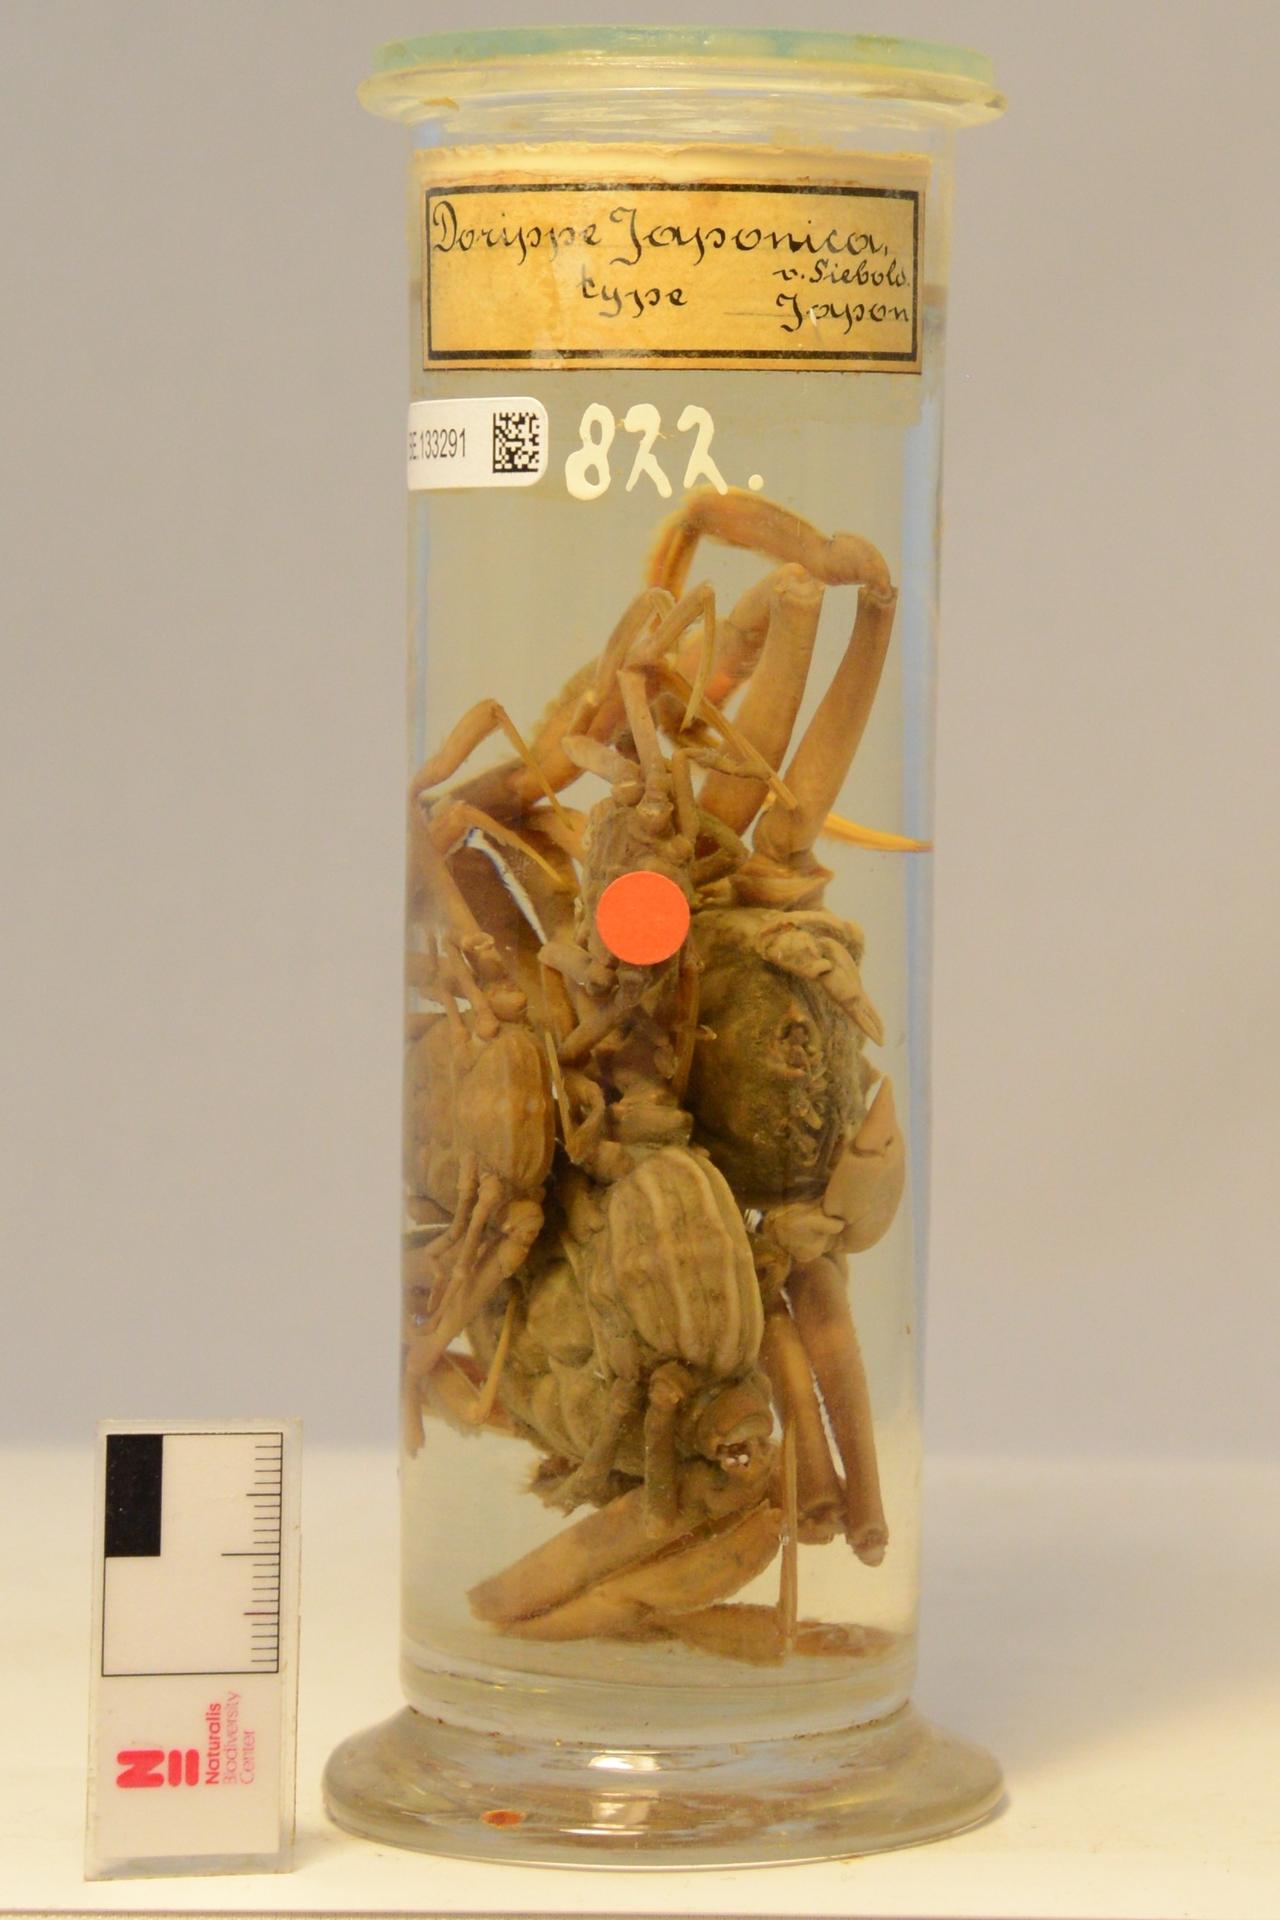 RMNH.CRUS.D.822 | Heikea japonica (Von Siebold, 1824)